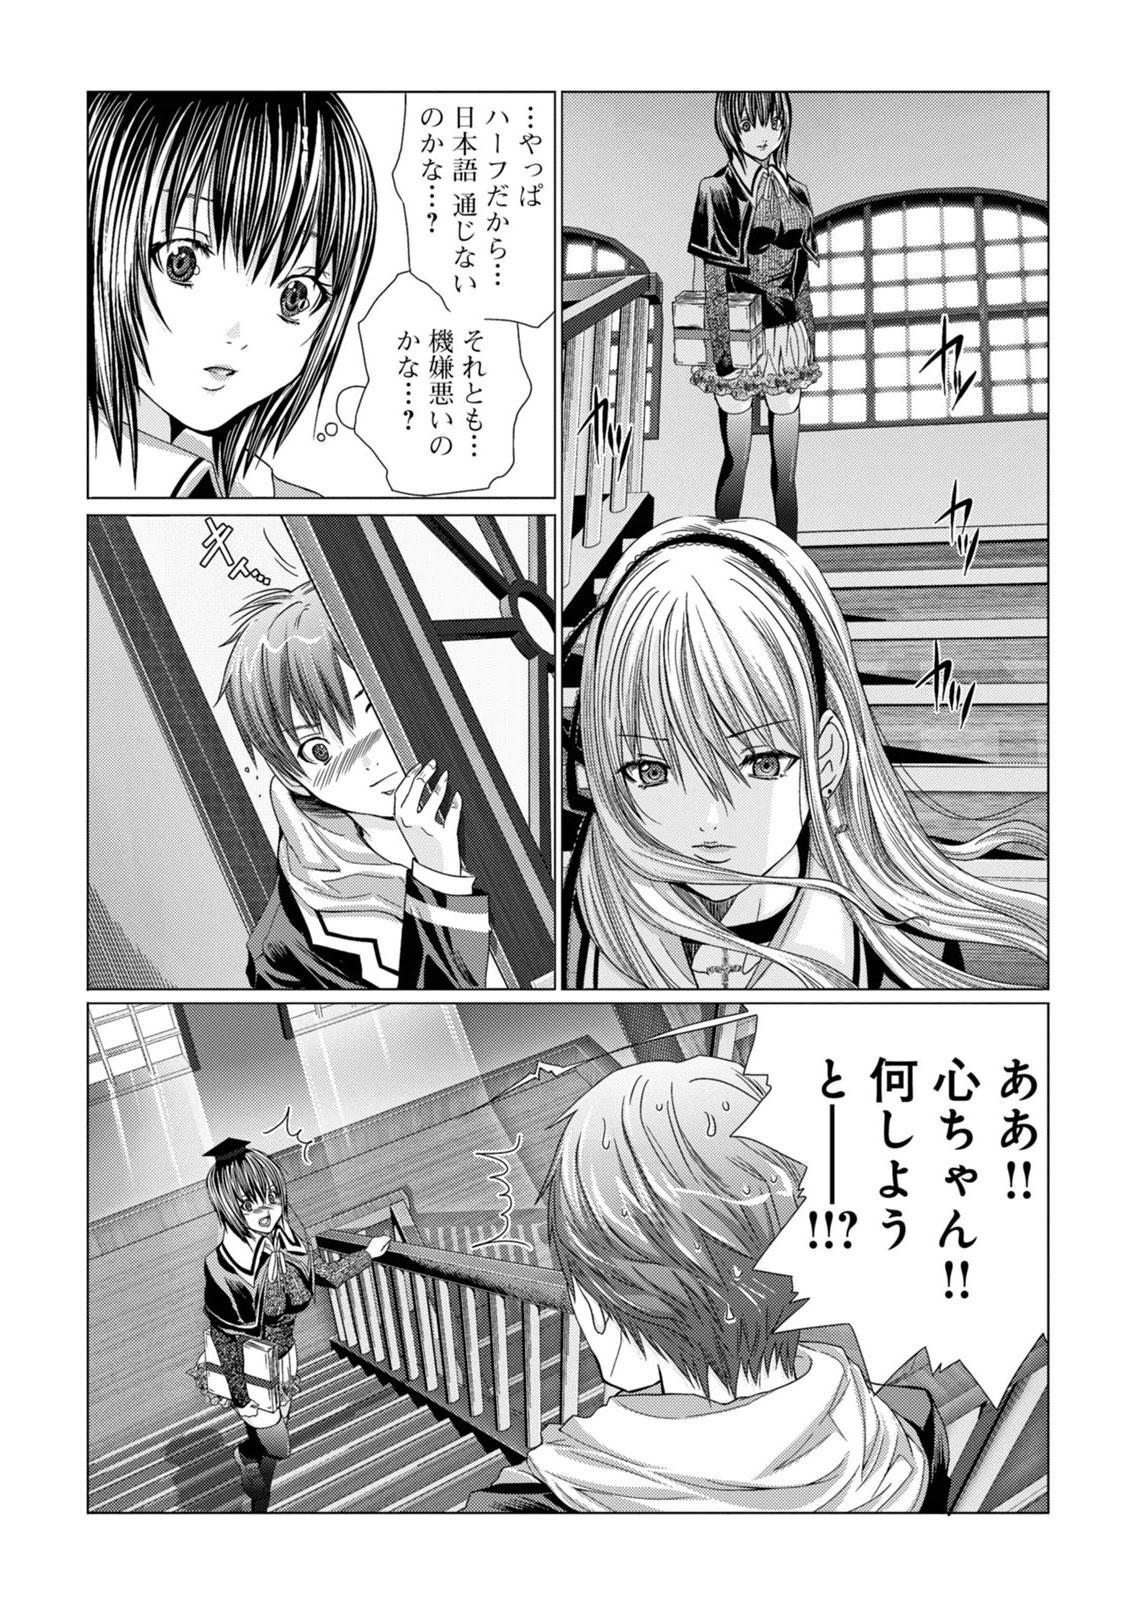 [Miyazaki Maya] Holy Knight ~Junketsu to Ai no Hazama de~ Vol. 1 27